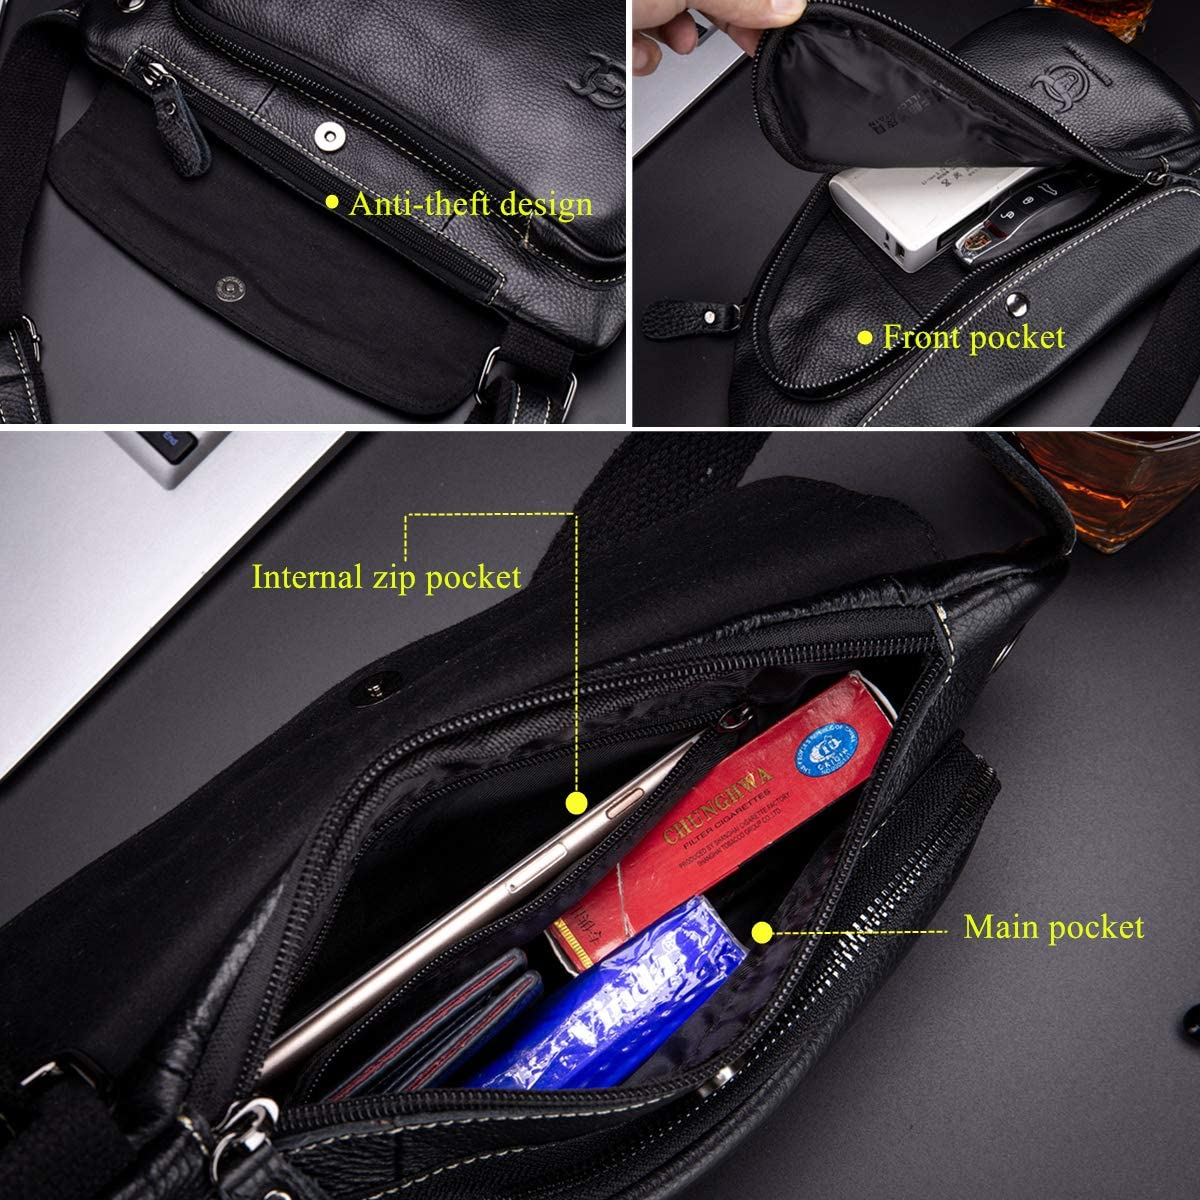 BULLCAPTAIN Anti-theft Sling Bag Travel Crossbody Backpack Genuine Leather Slim Multipurpose Outdoor Chest Bag XB-125